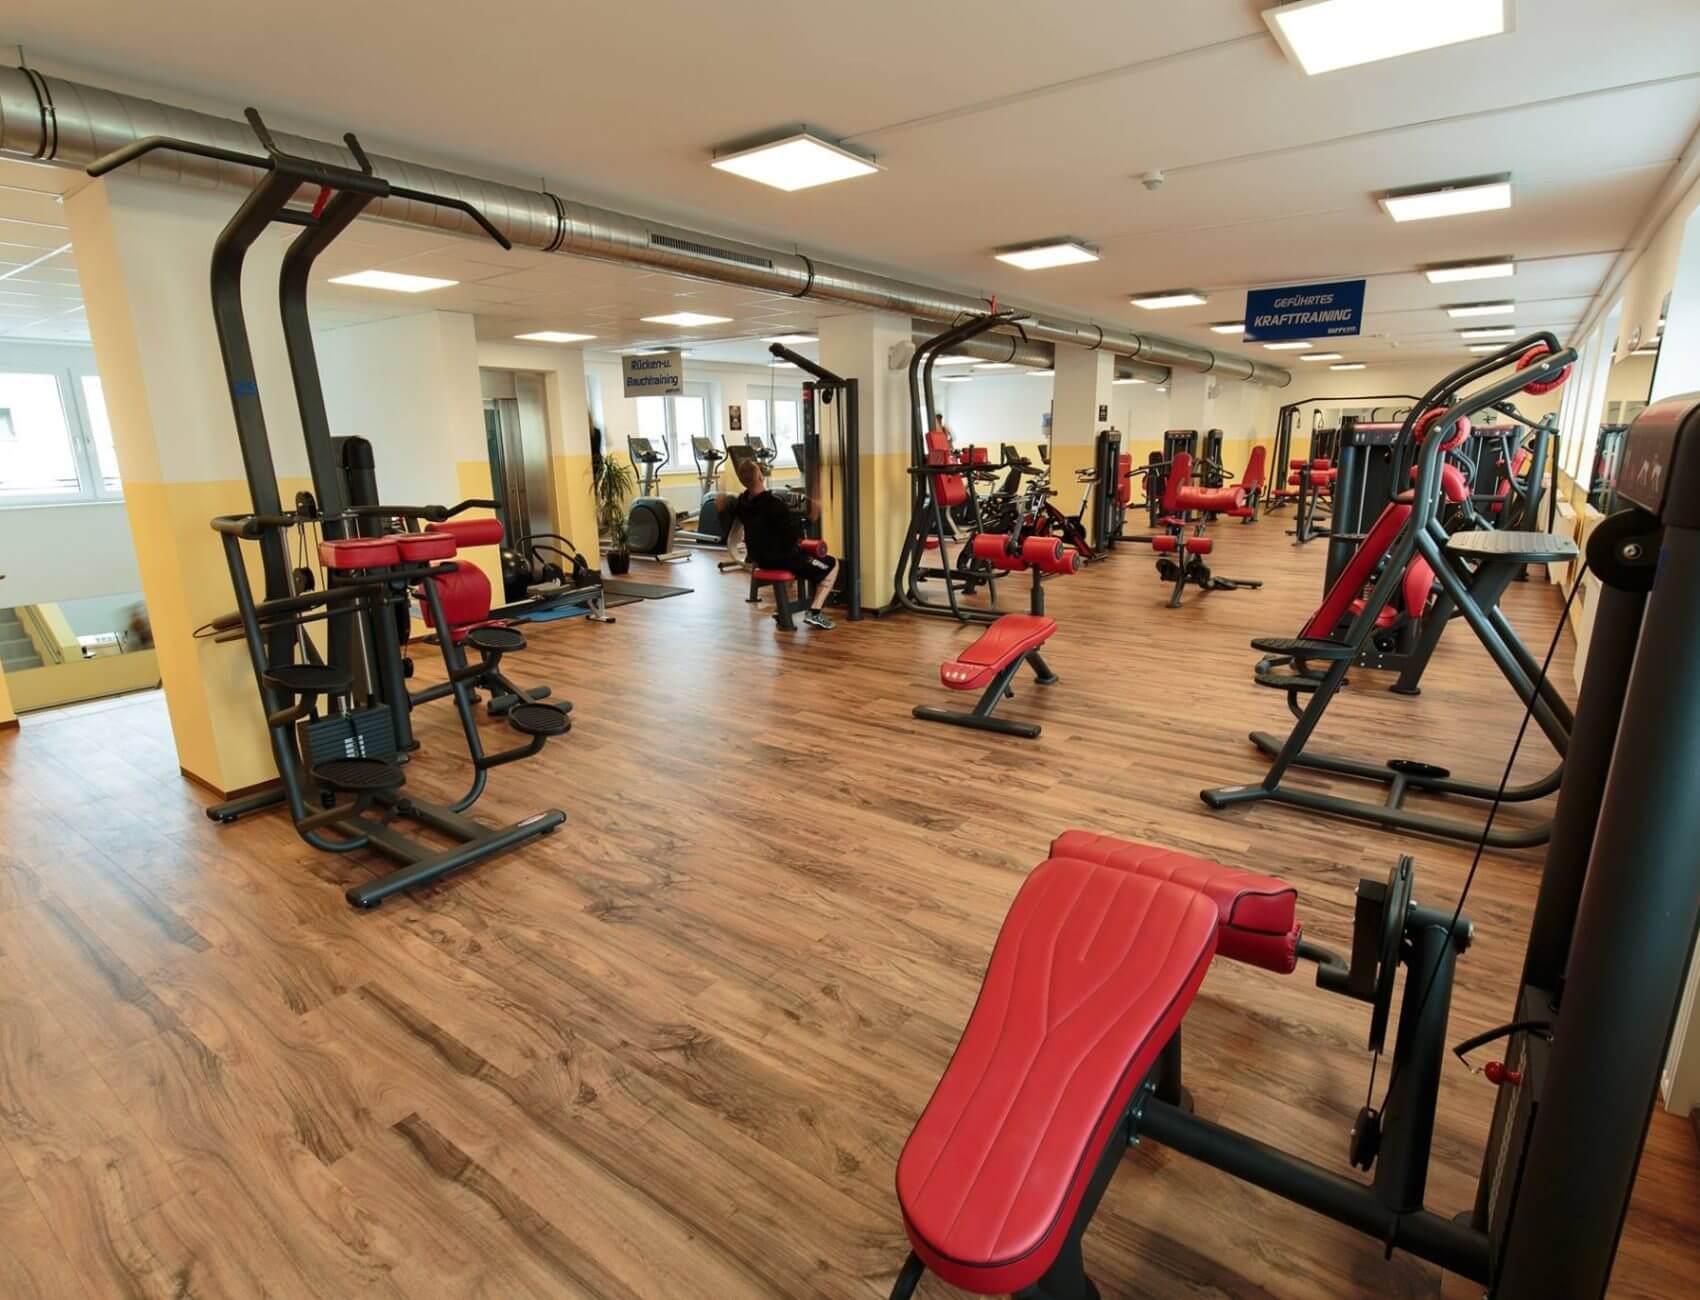 Galerie echipamente fitness 2014 - 7